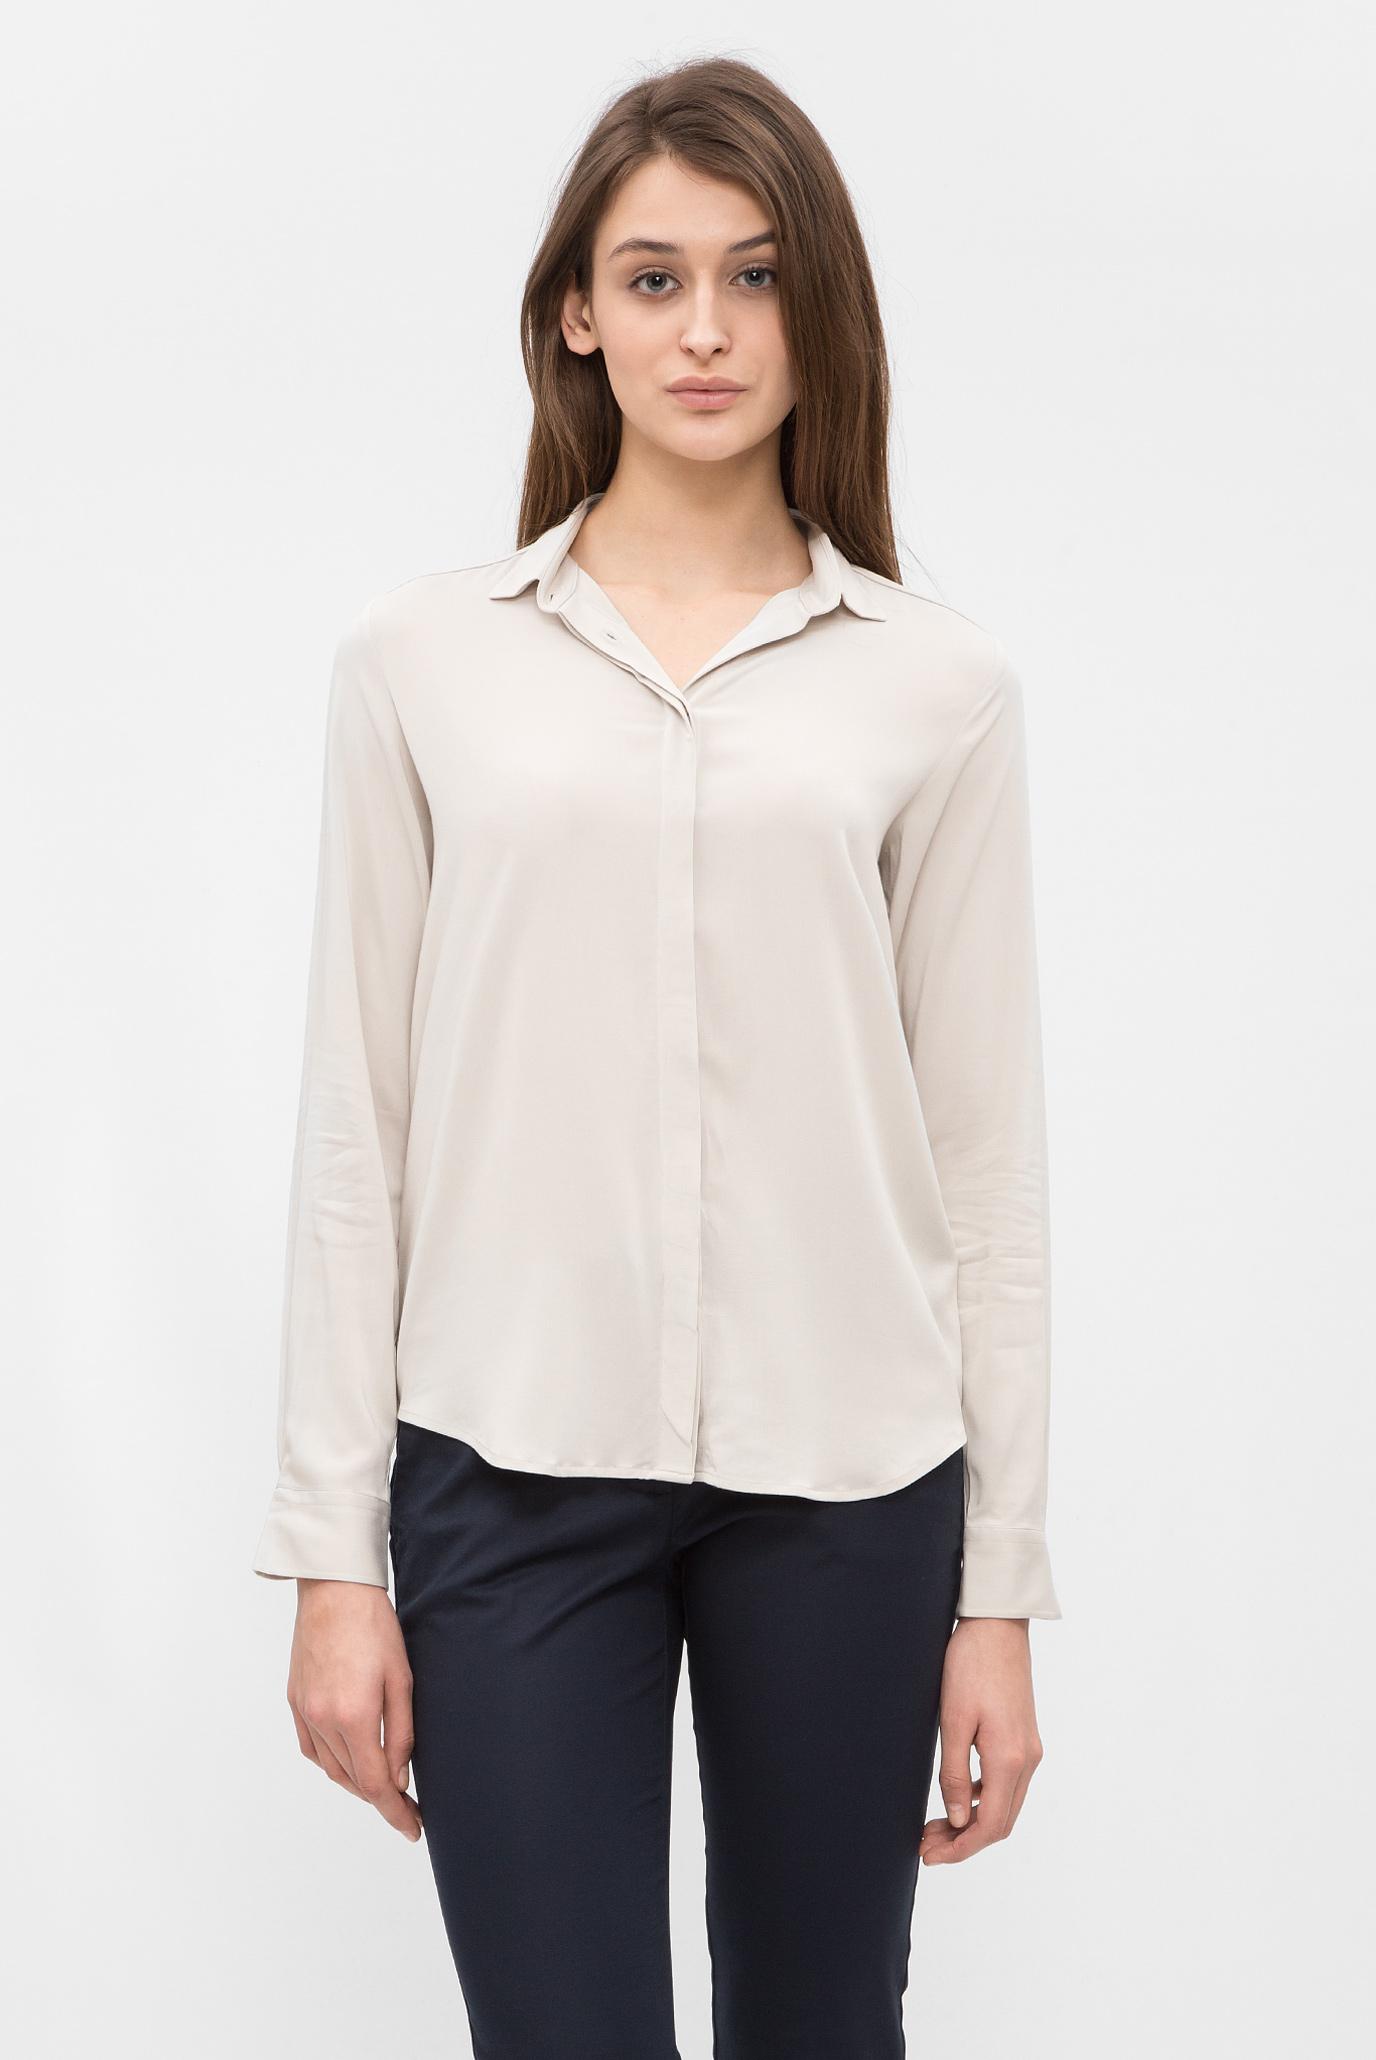 Купить Женская серая блуза Gant Gant 432565 – Киев, Украина. Цены в интернет магазине MD Fashion